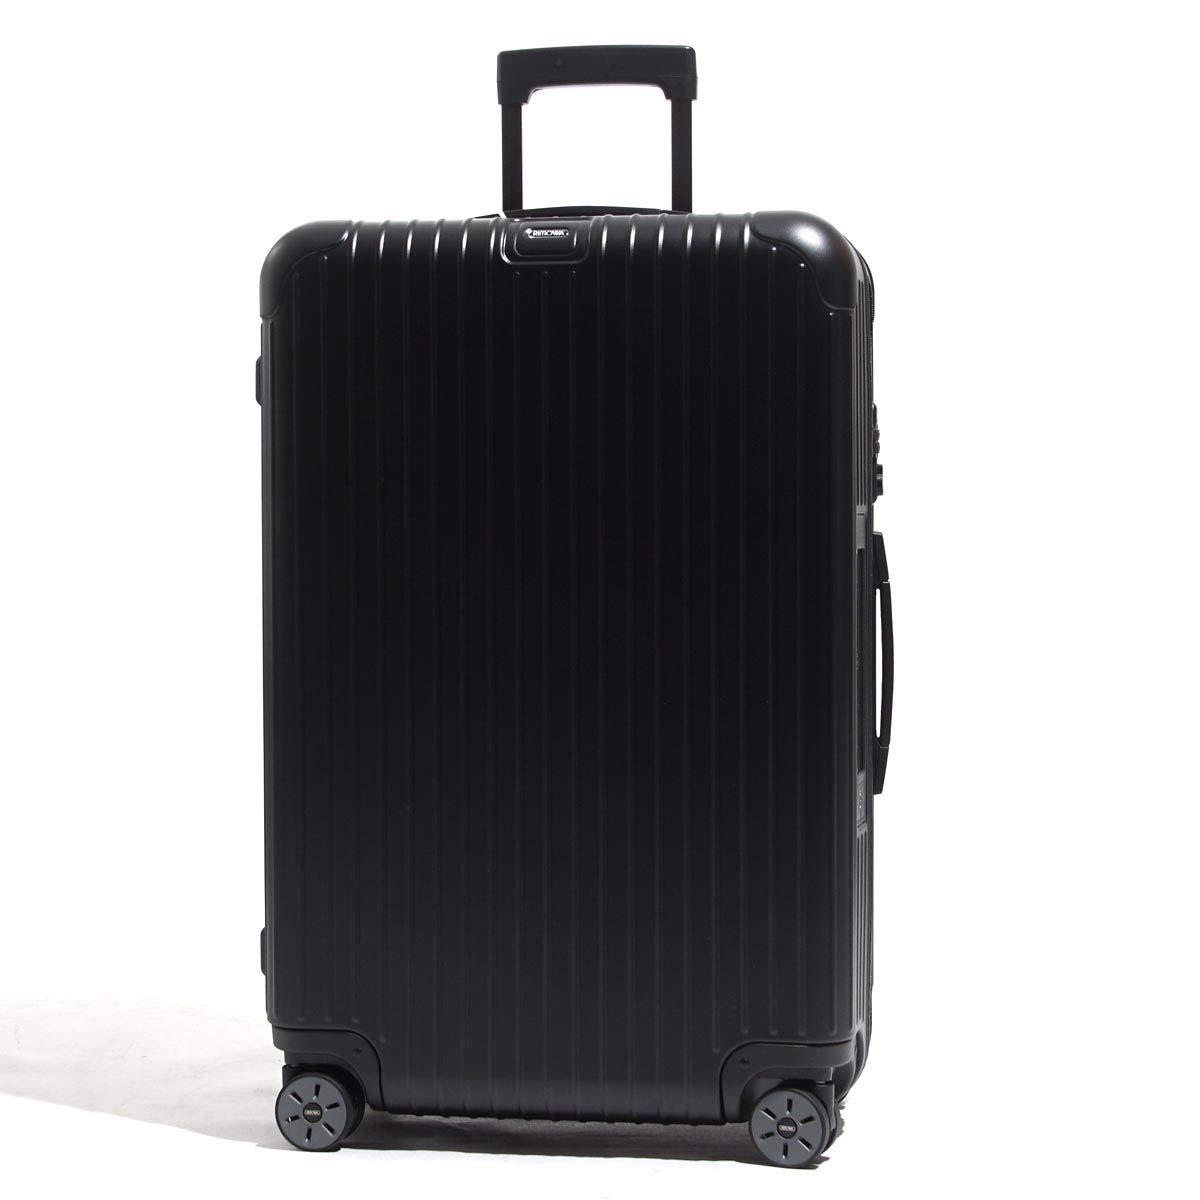 (リモワ) RIMOWA スーツケース 電子タグ仕様 SALSA 73 E-TAG サルサ 87L [並行輸入品] B074K57M45